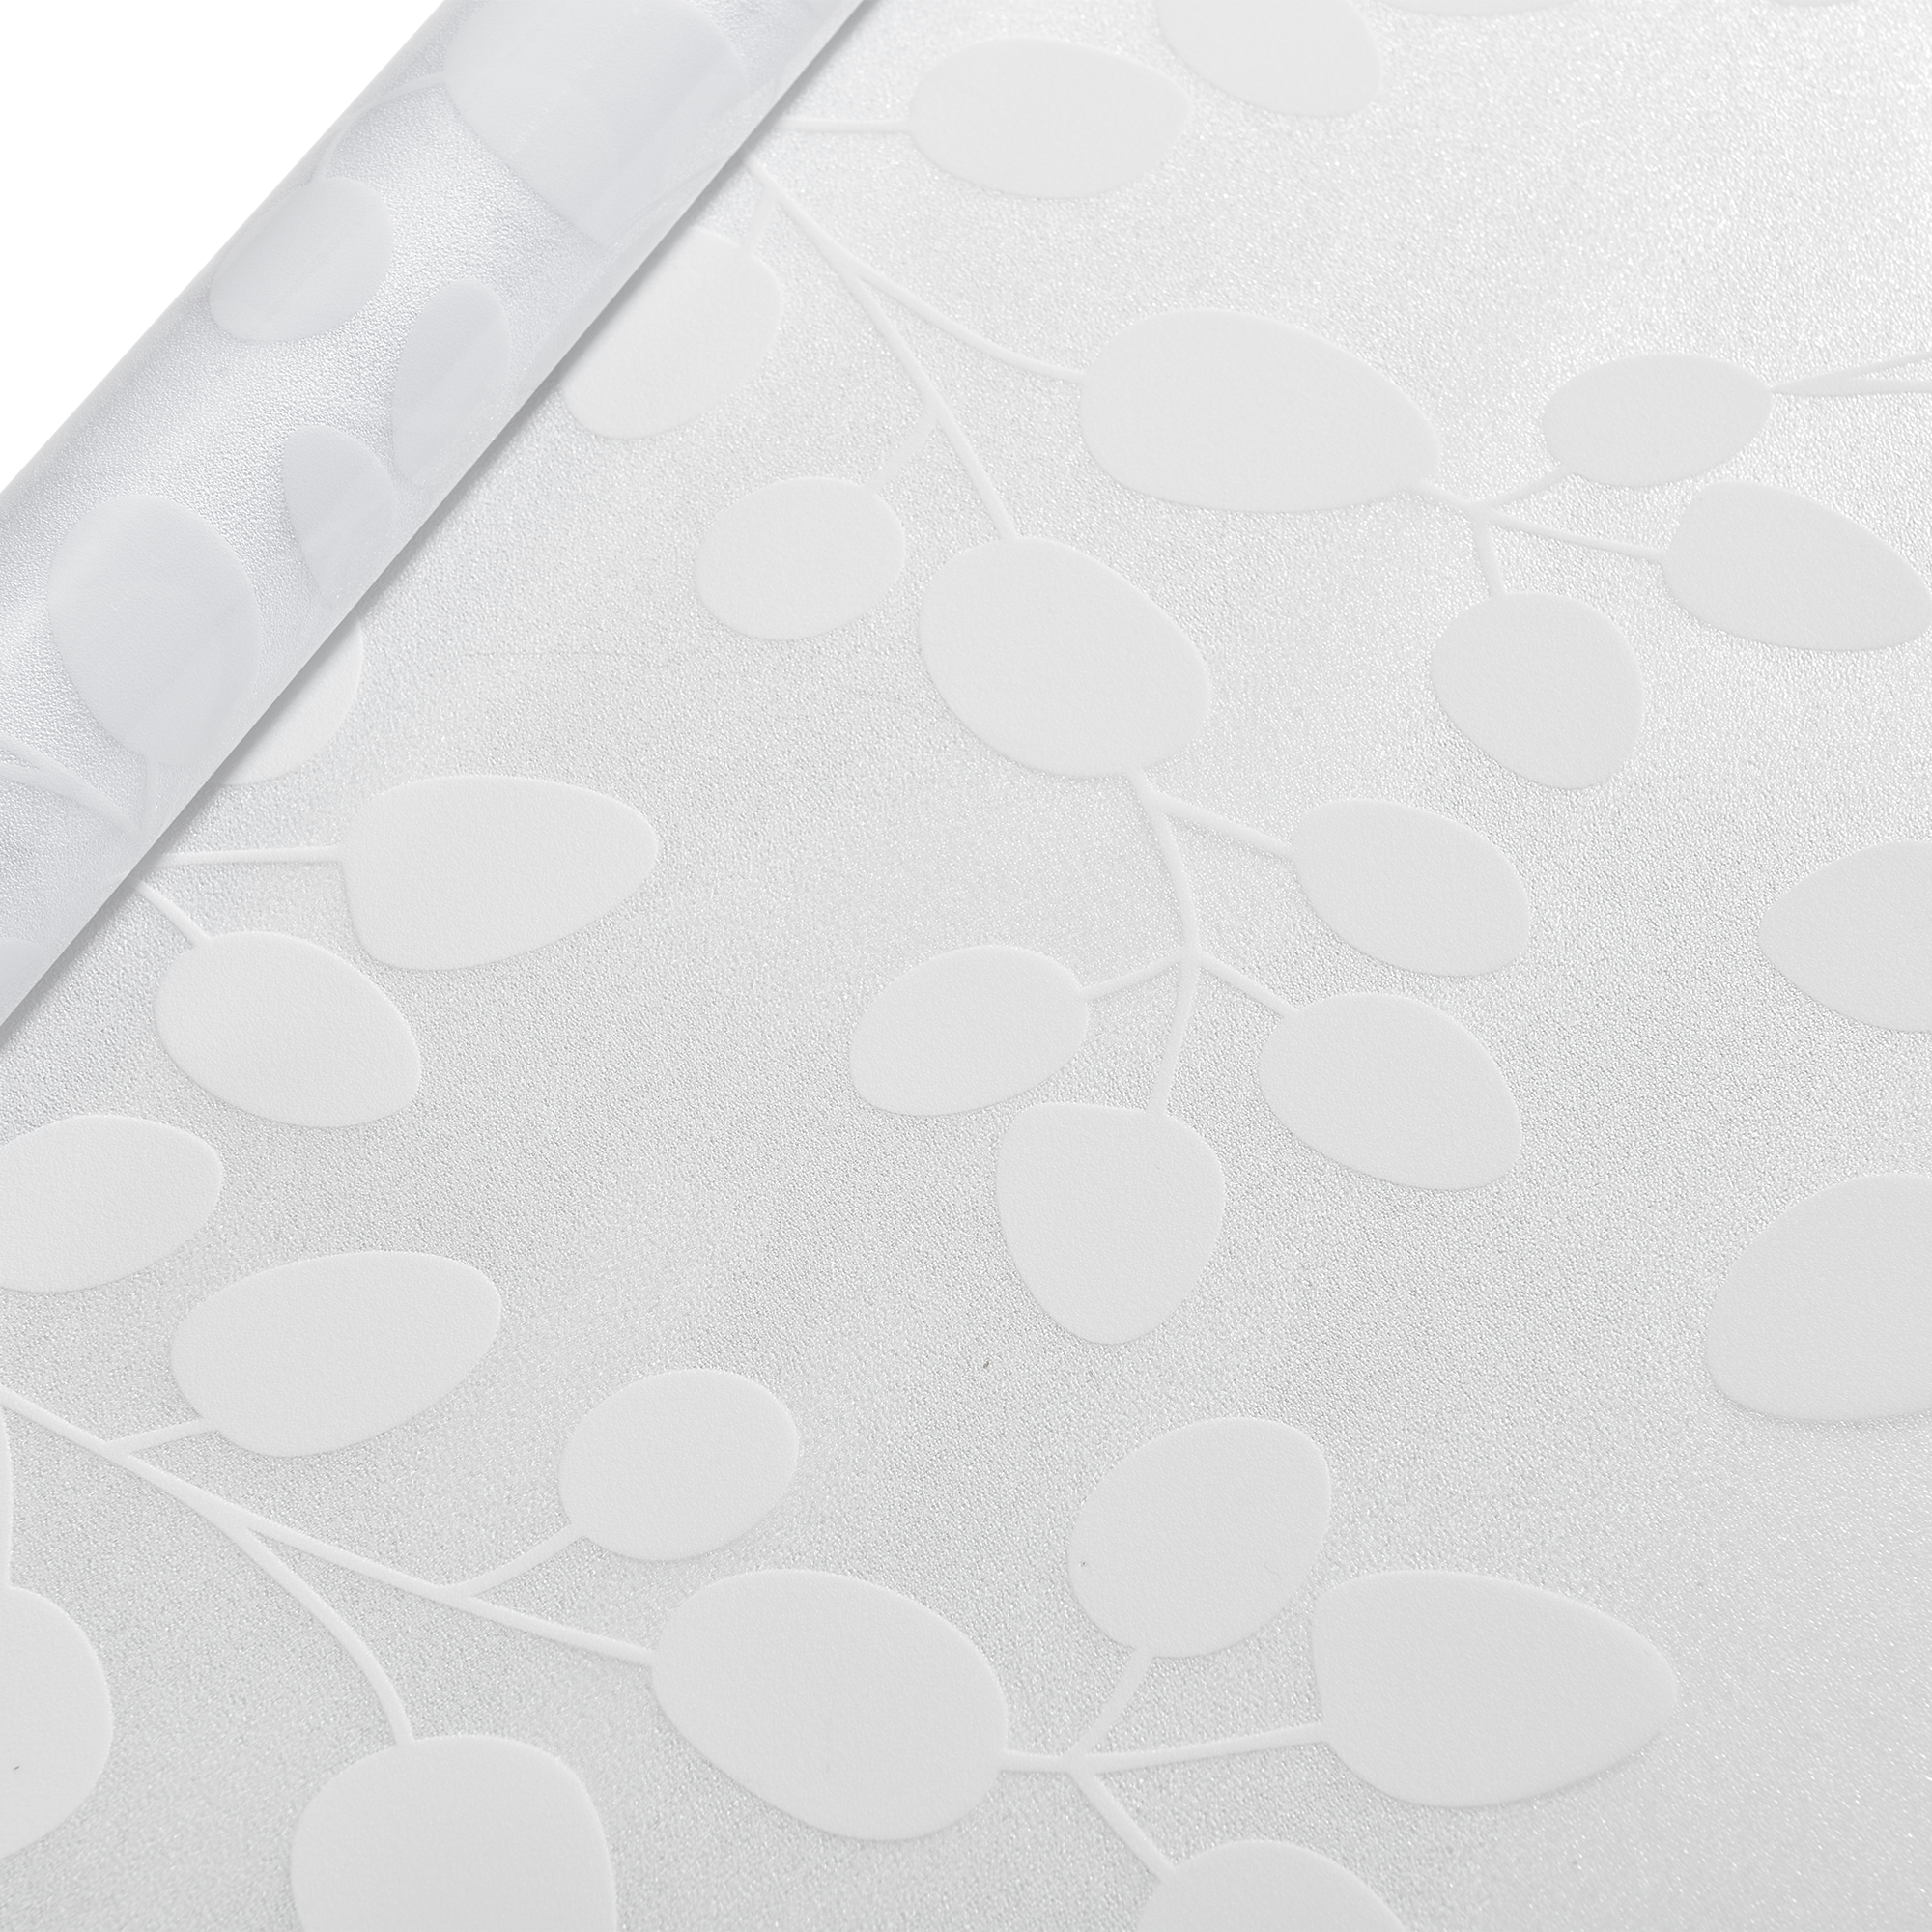 casao] Sichtschutzfolie Milchglas Blätter 50 cm x 1 m